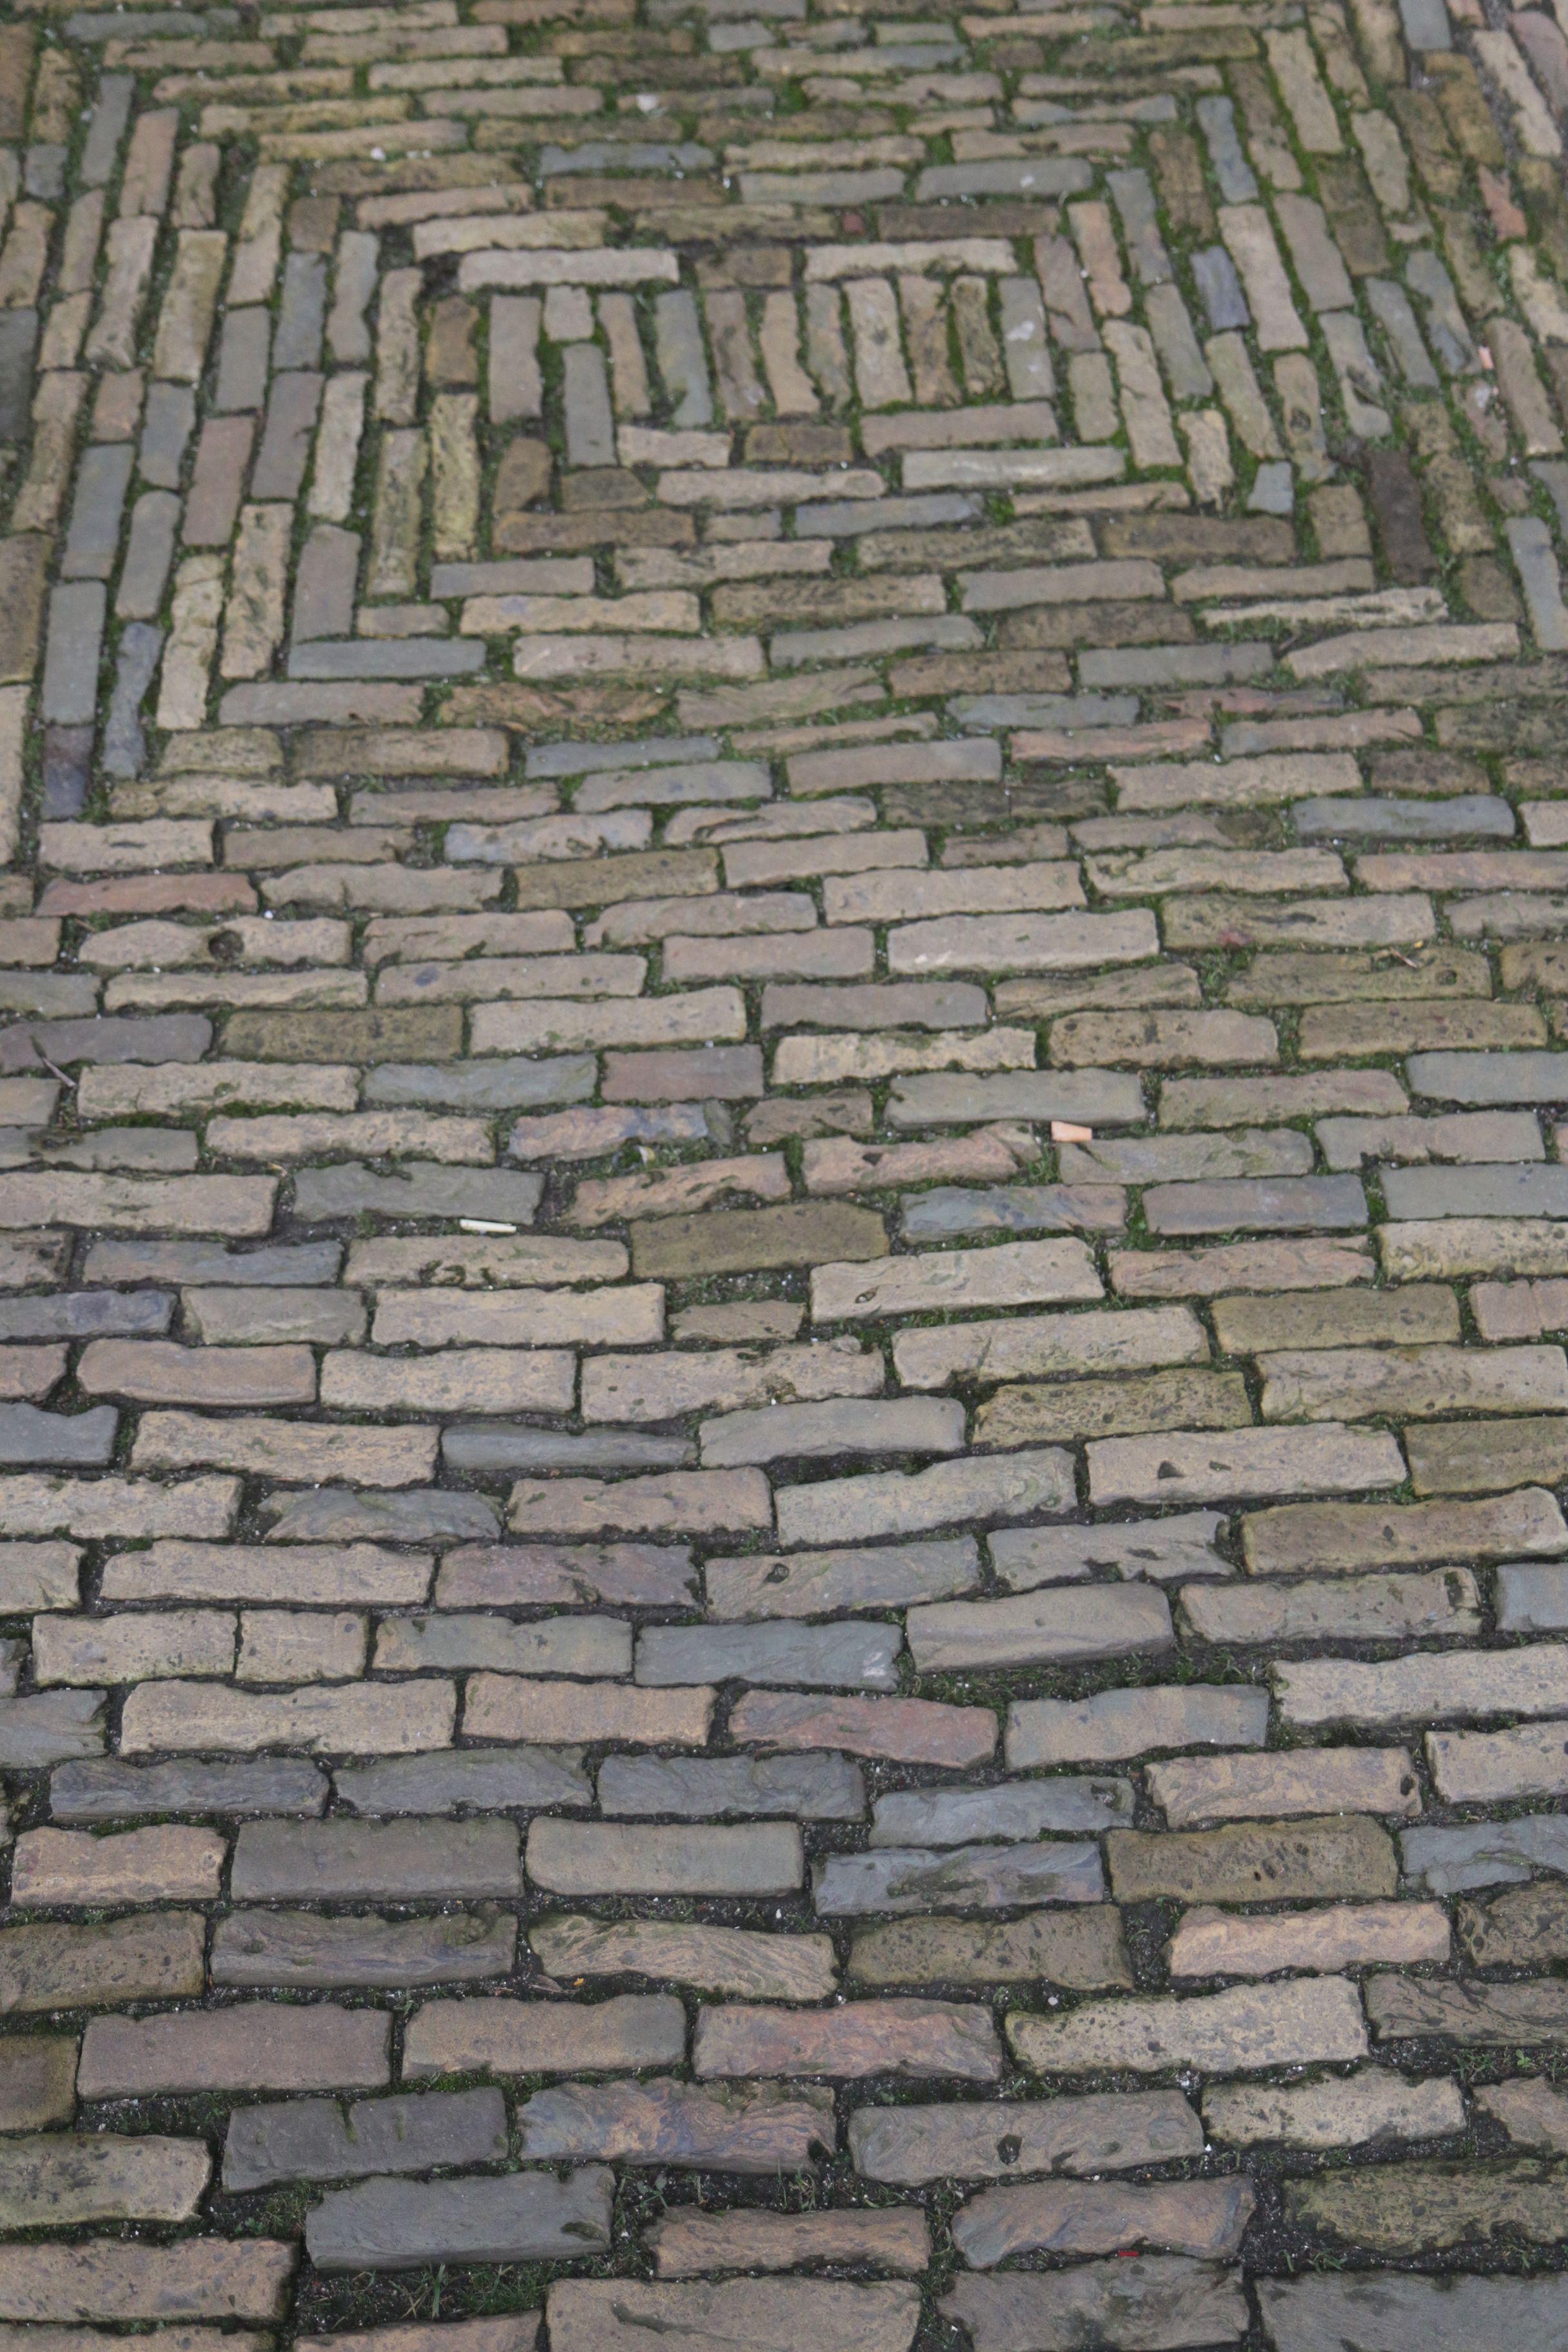 Alte KlinkerWaaltjes gesehen in der Altstadt von Alkmaar